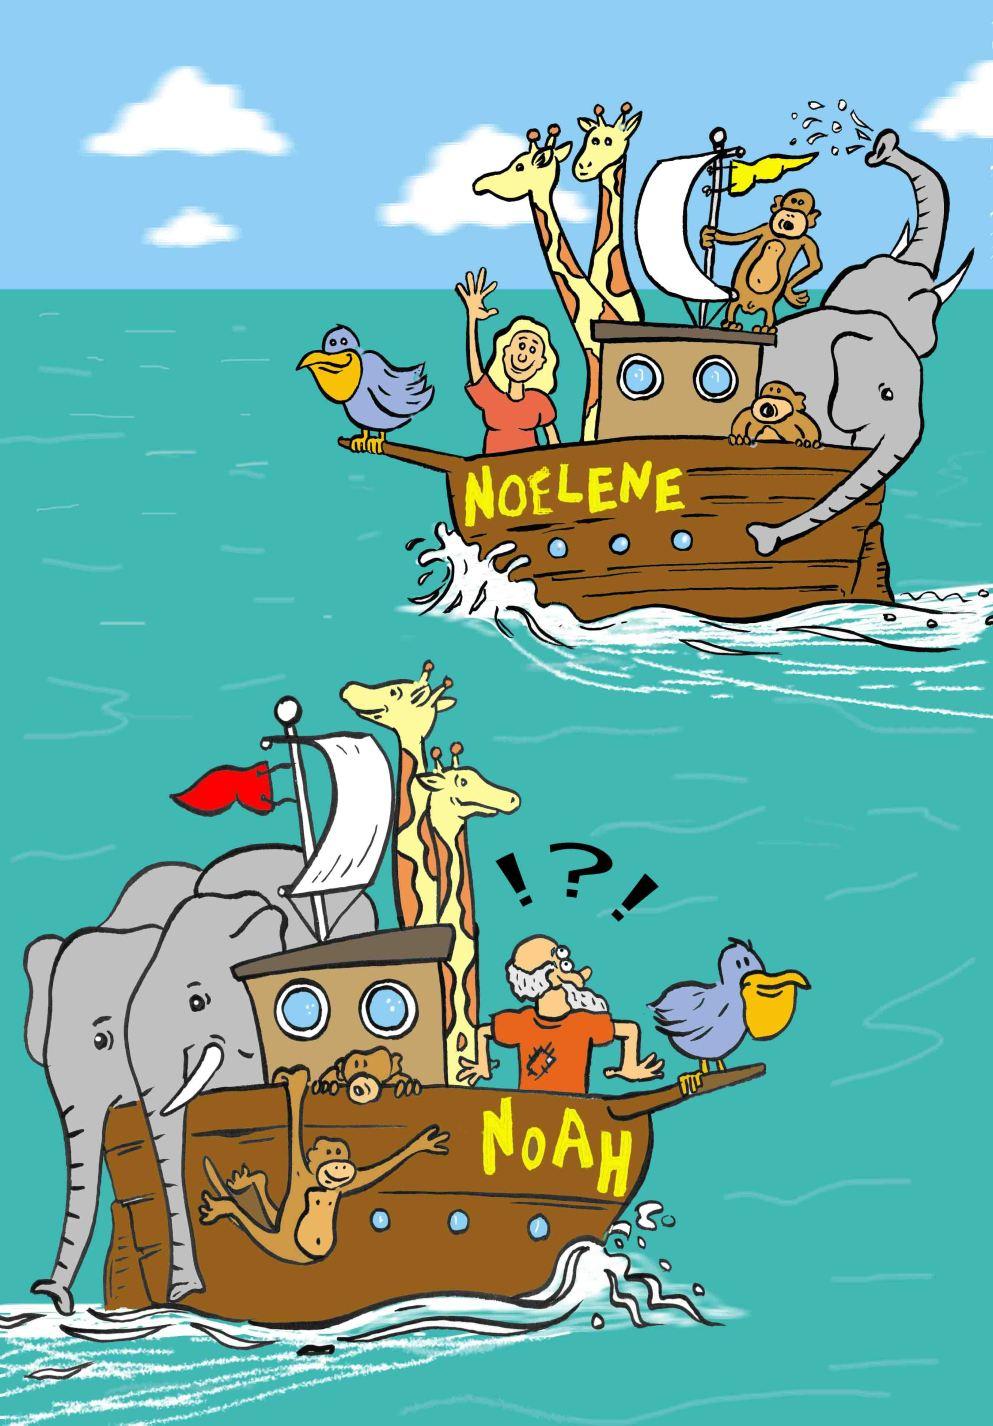 Noah copy